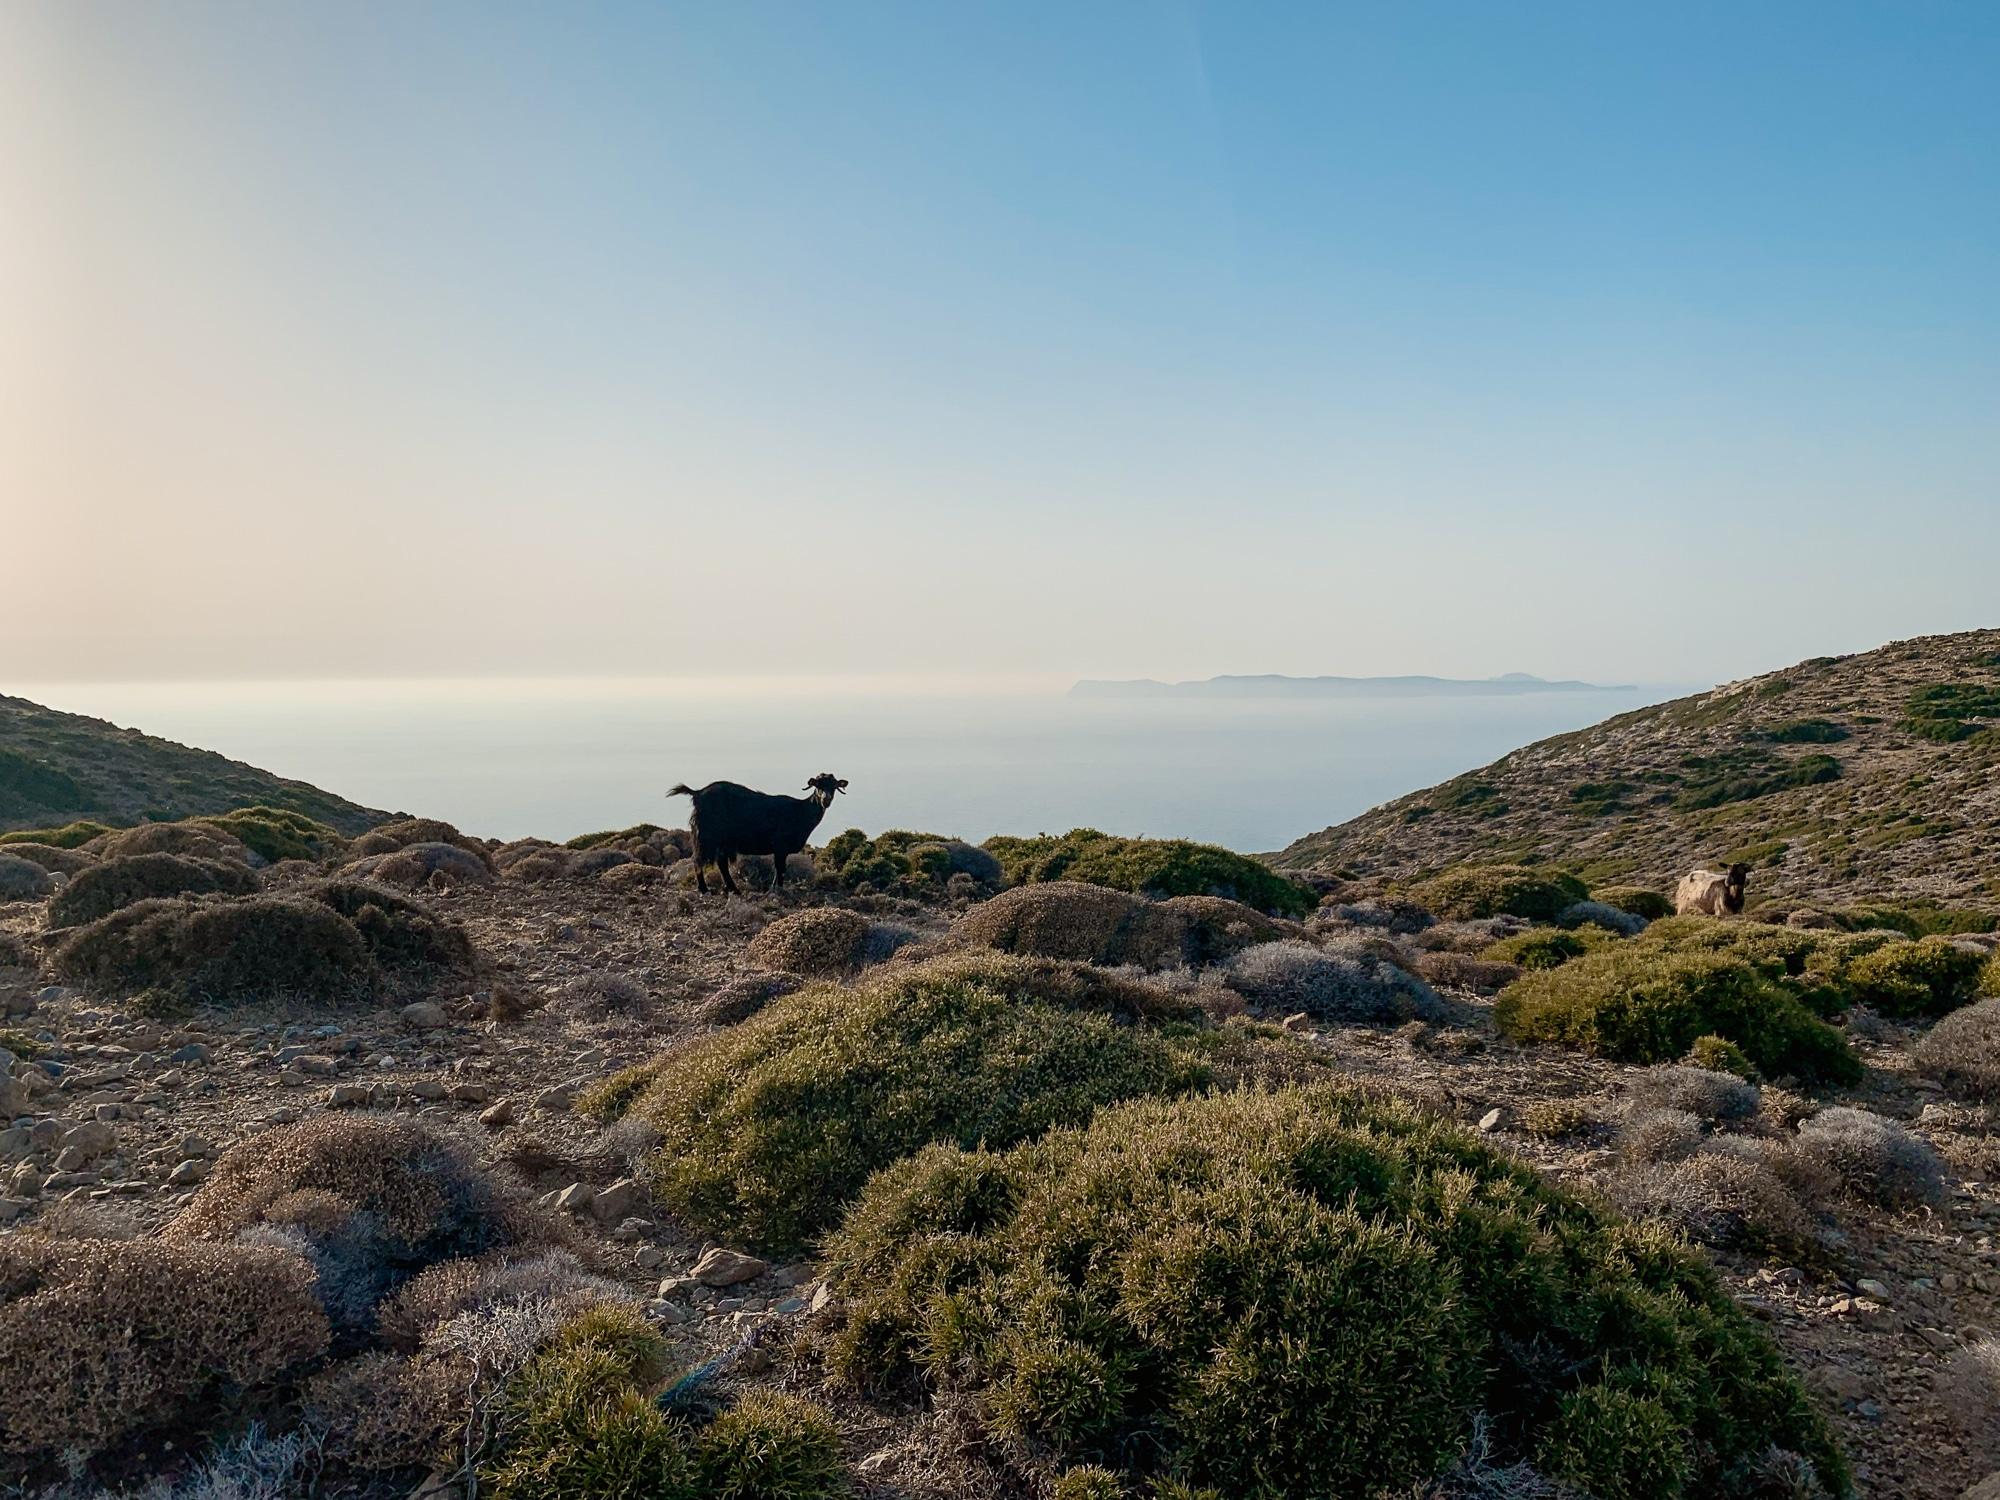 Kreta Sehenswürdigkeiten: 13 Stopps für deinen Kreta Roadtrip - Sitia Geopark